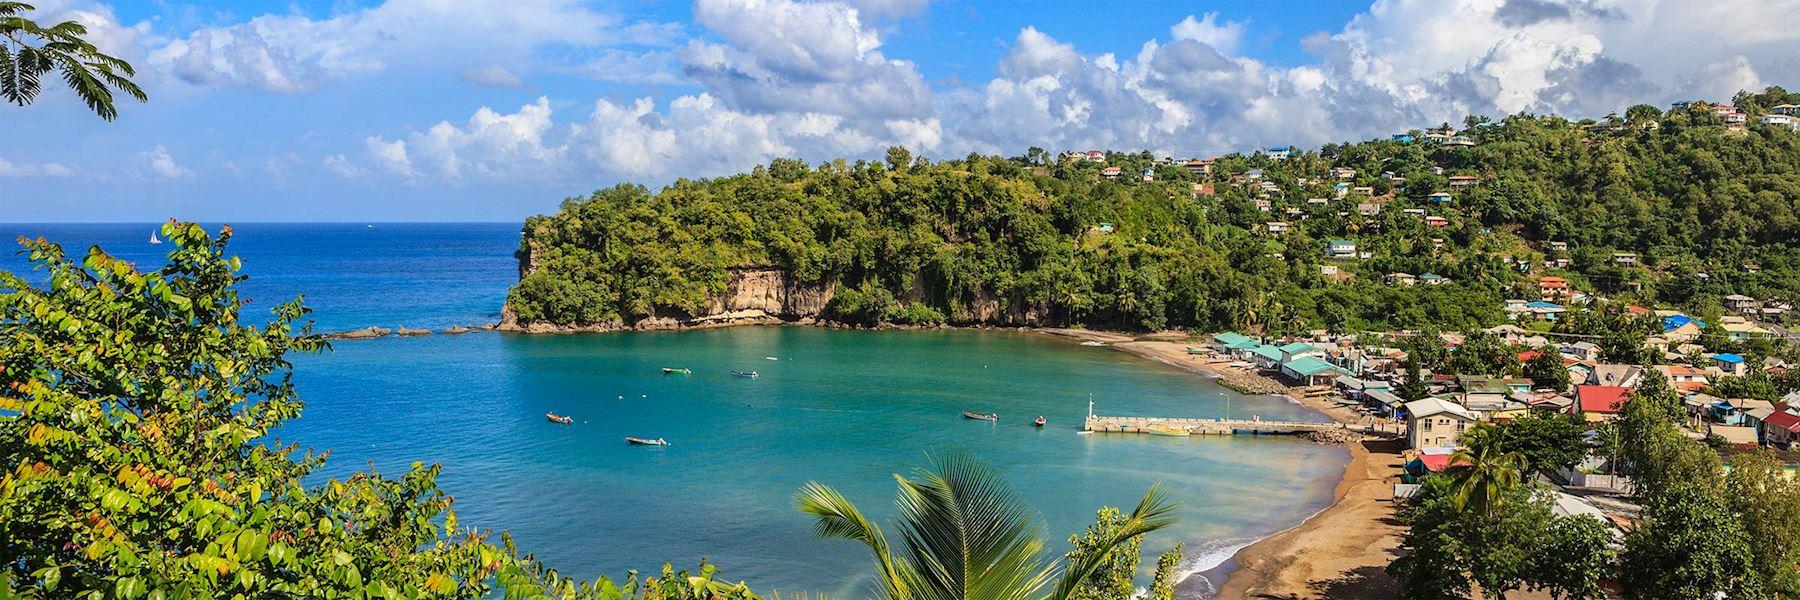 Visit Anse La Raye, Saint Lucia